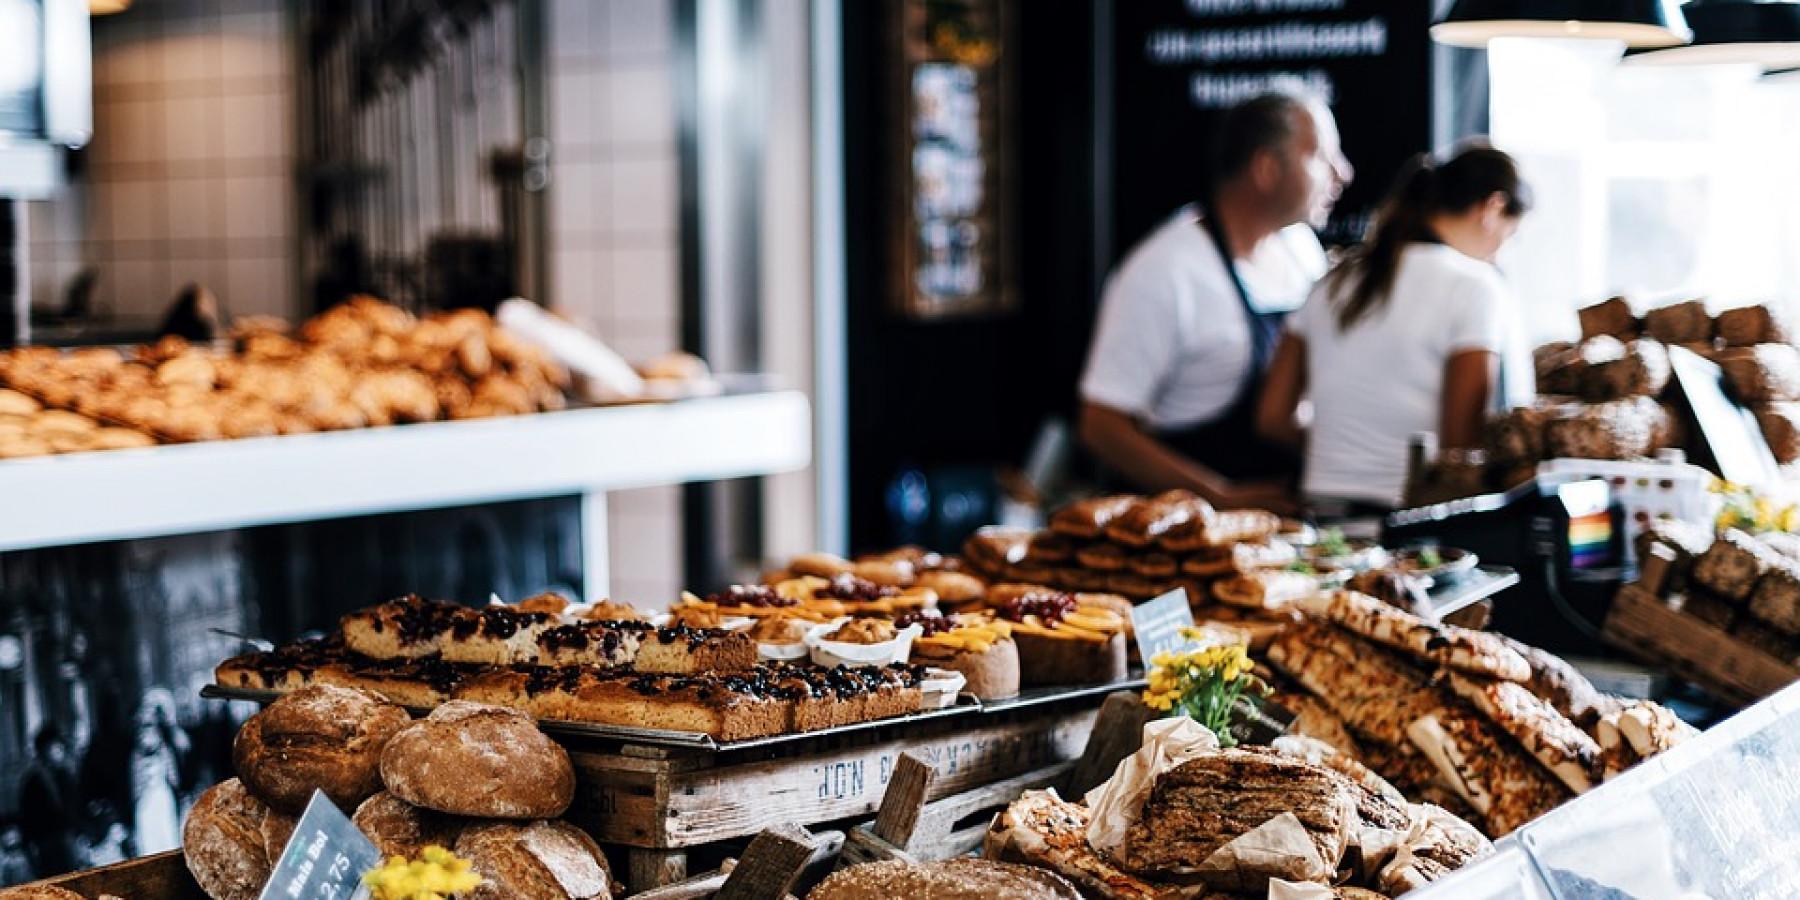 Bäckerei an der Weseler Straße überfallen